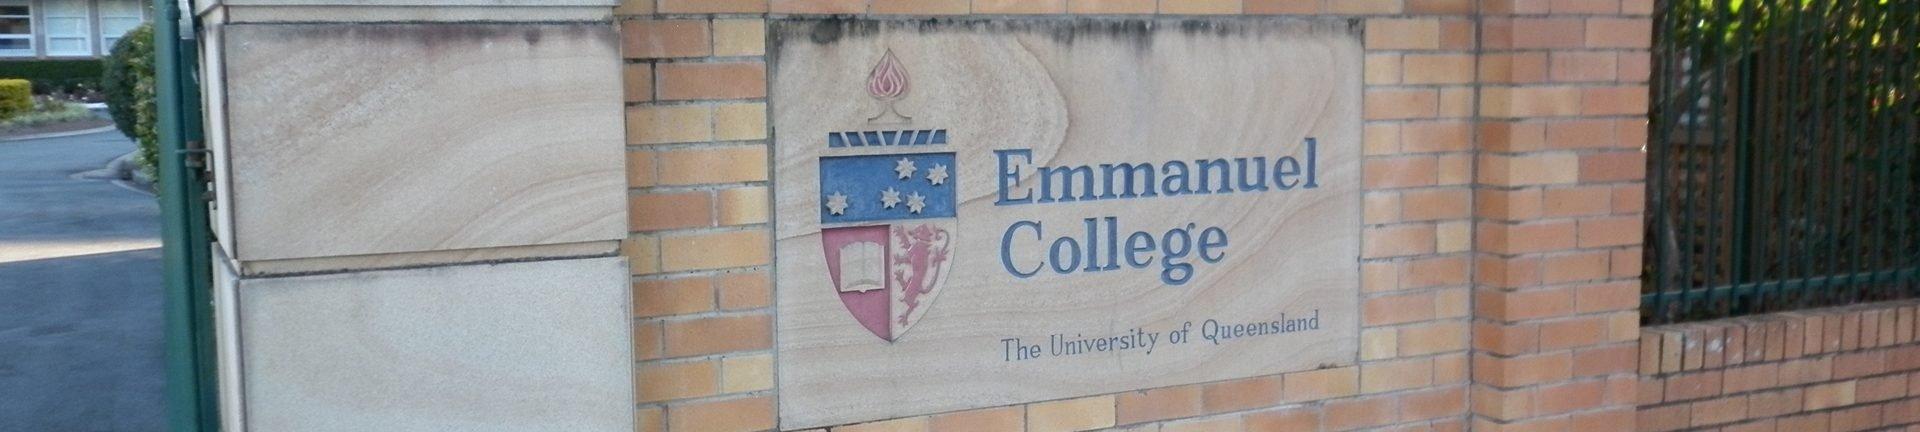 University of Queensland, Emmanuel College